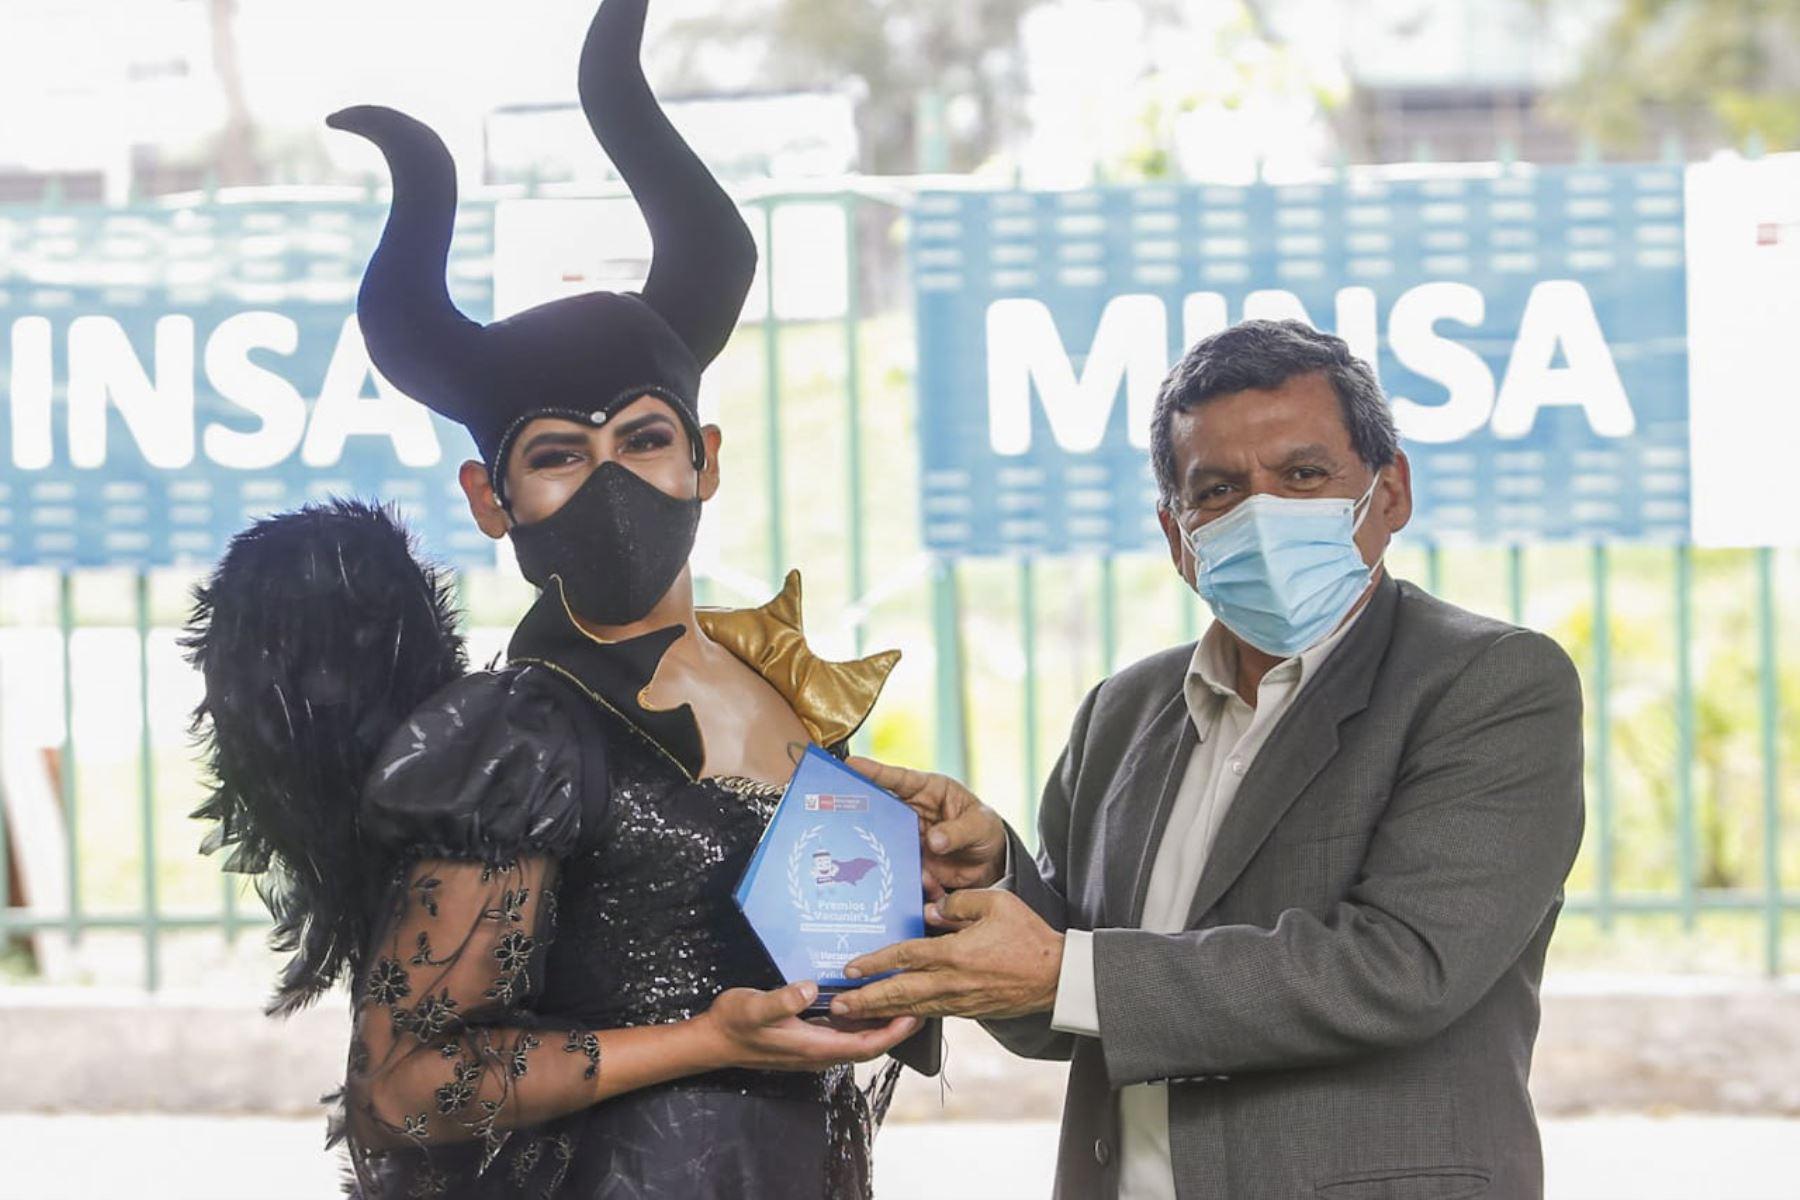 Ganadores del concursos de disfraces y pijamas recibieron varios premios y el reconocimiento por motivar a muchos jóvenes a vacunarse en los VacunaFest. Foto: ANDINA/Minsa